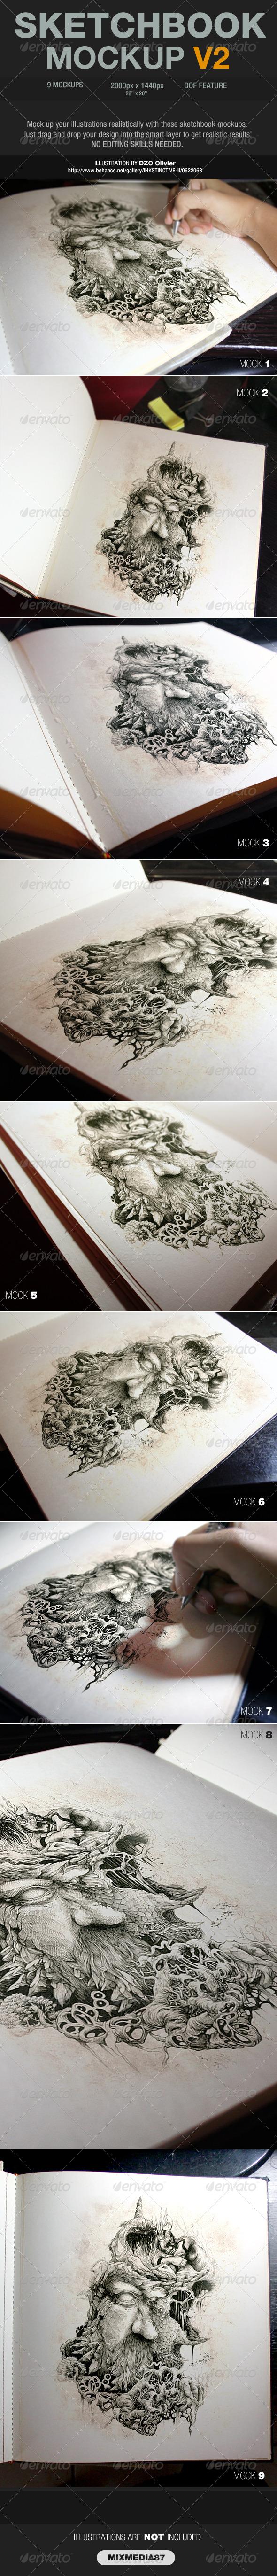 Sketchbook Mockup V2 - Product Mock-Ups Graphics